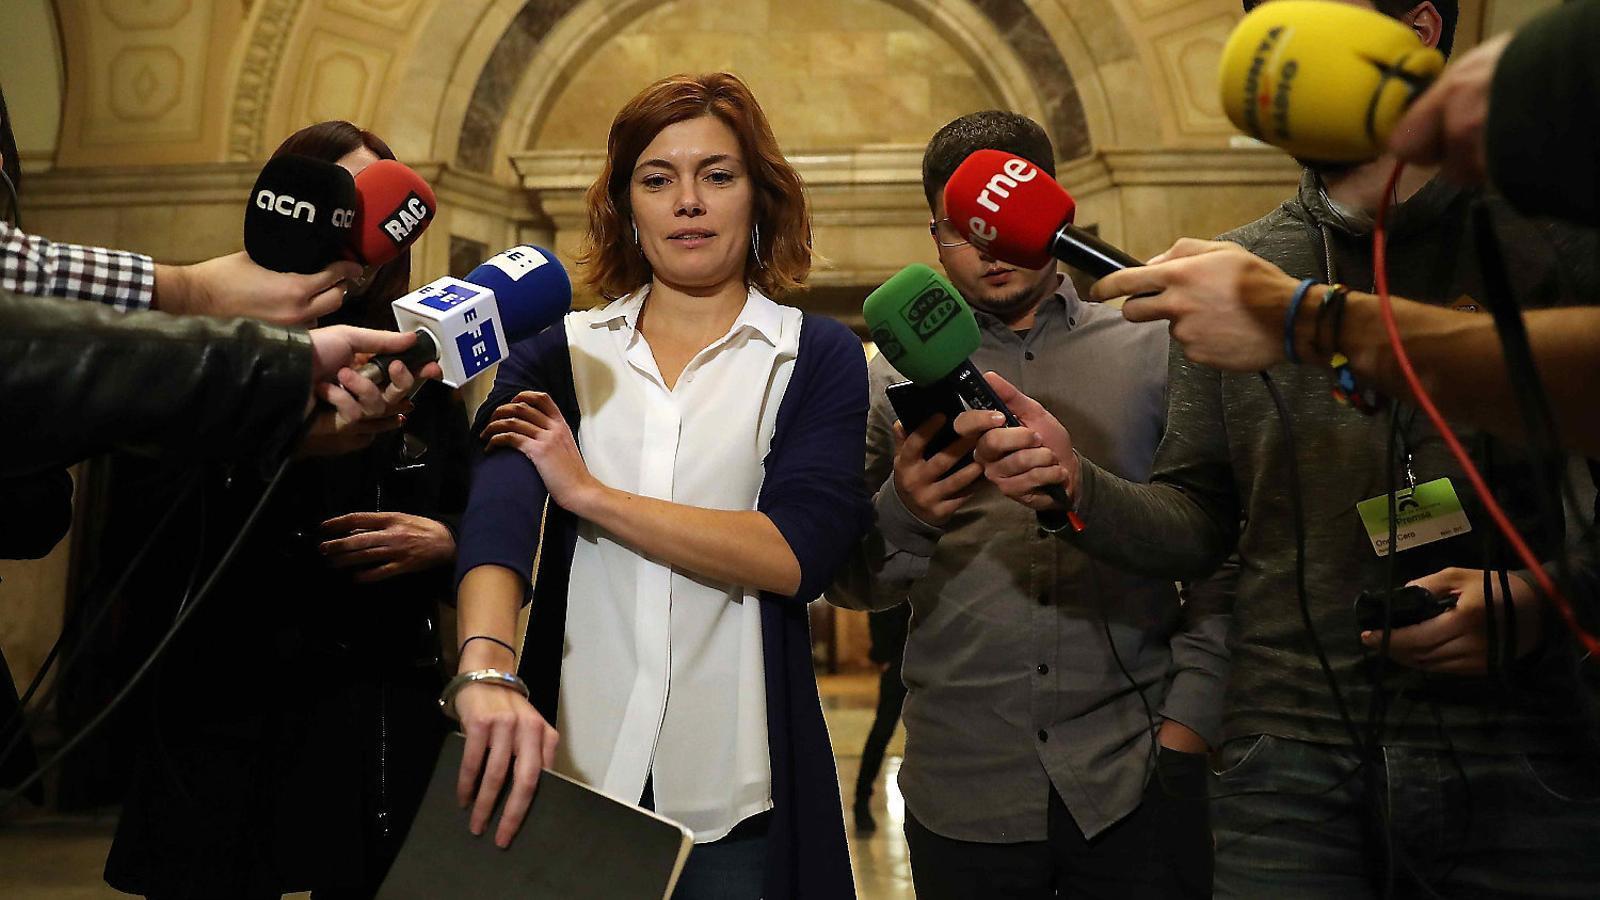 La portaveu de Catalunya en Comú Podem, Elisenda Alamany, atenent els mitjans al Parlament en una imatge d'arxiu.